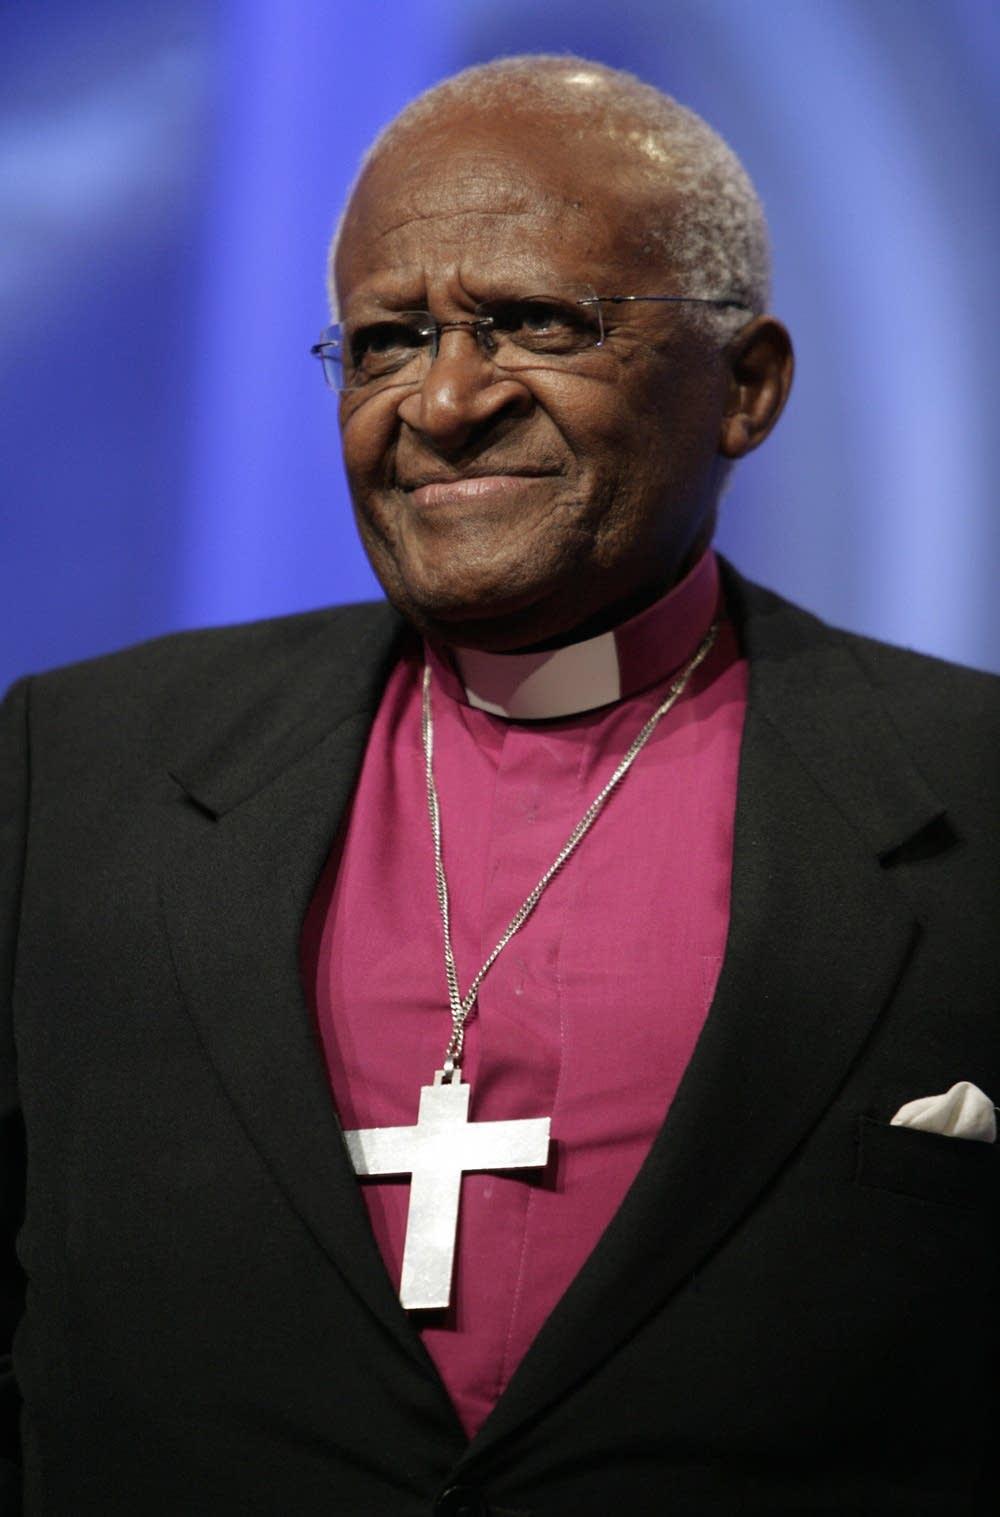 University of St Thomas says no to Desmond Tutu  MPR News